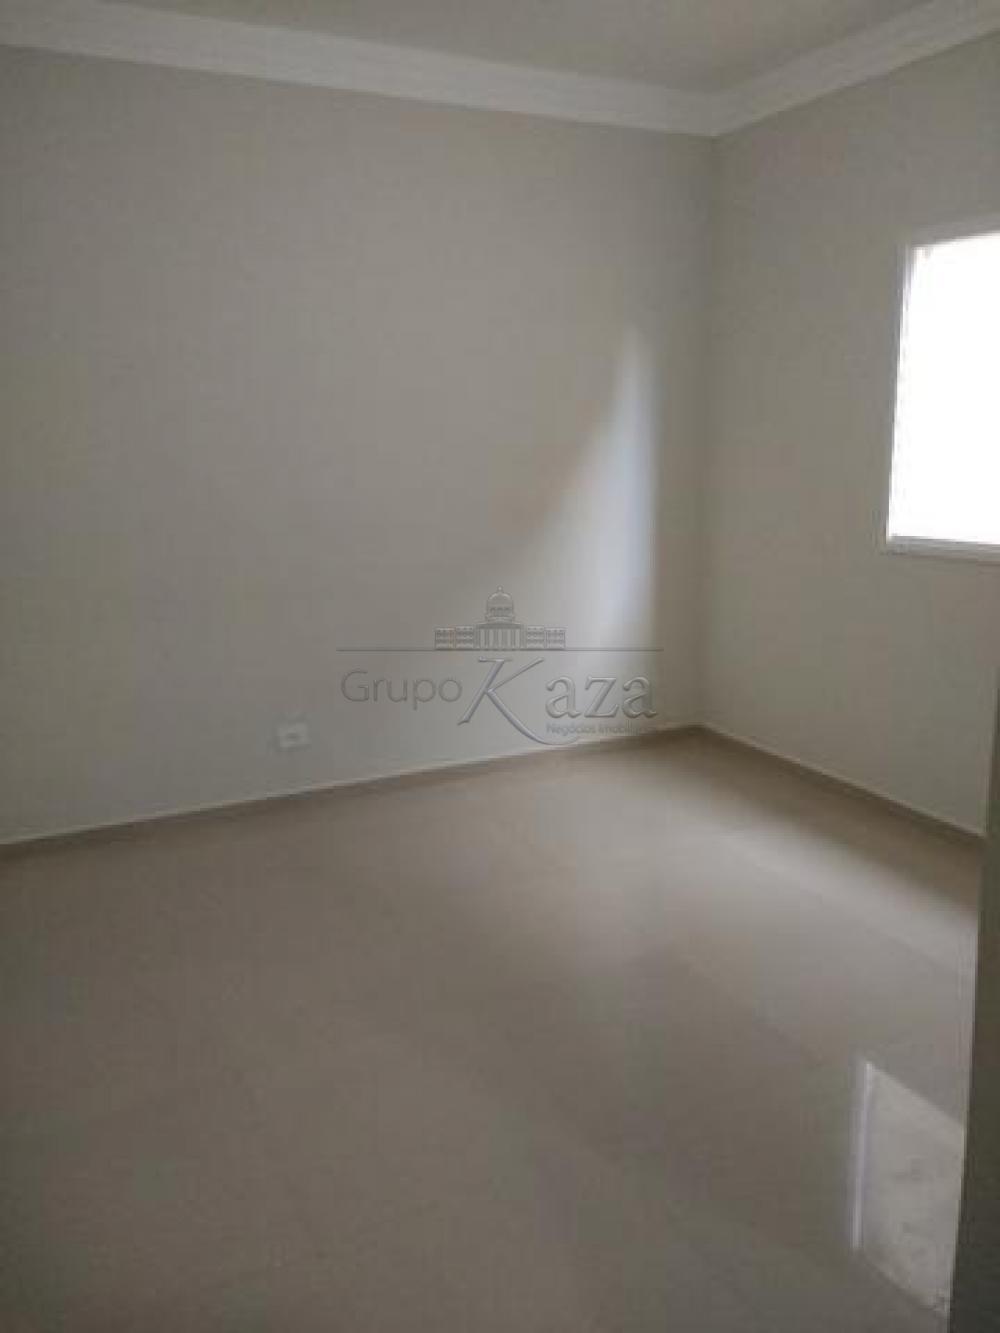 Comprar Casa / Padrão em São José dos Campos apenas R$ 307.400,00 - Foto 6